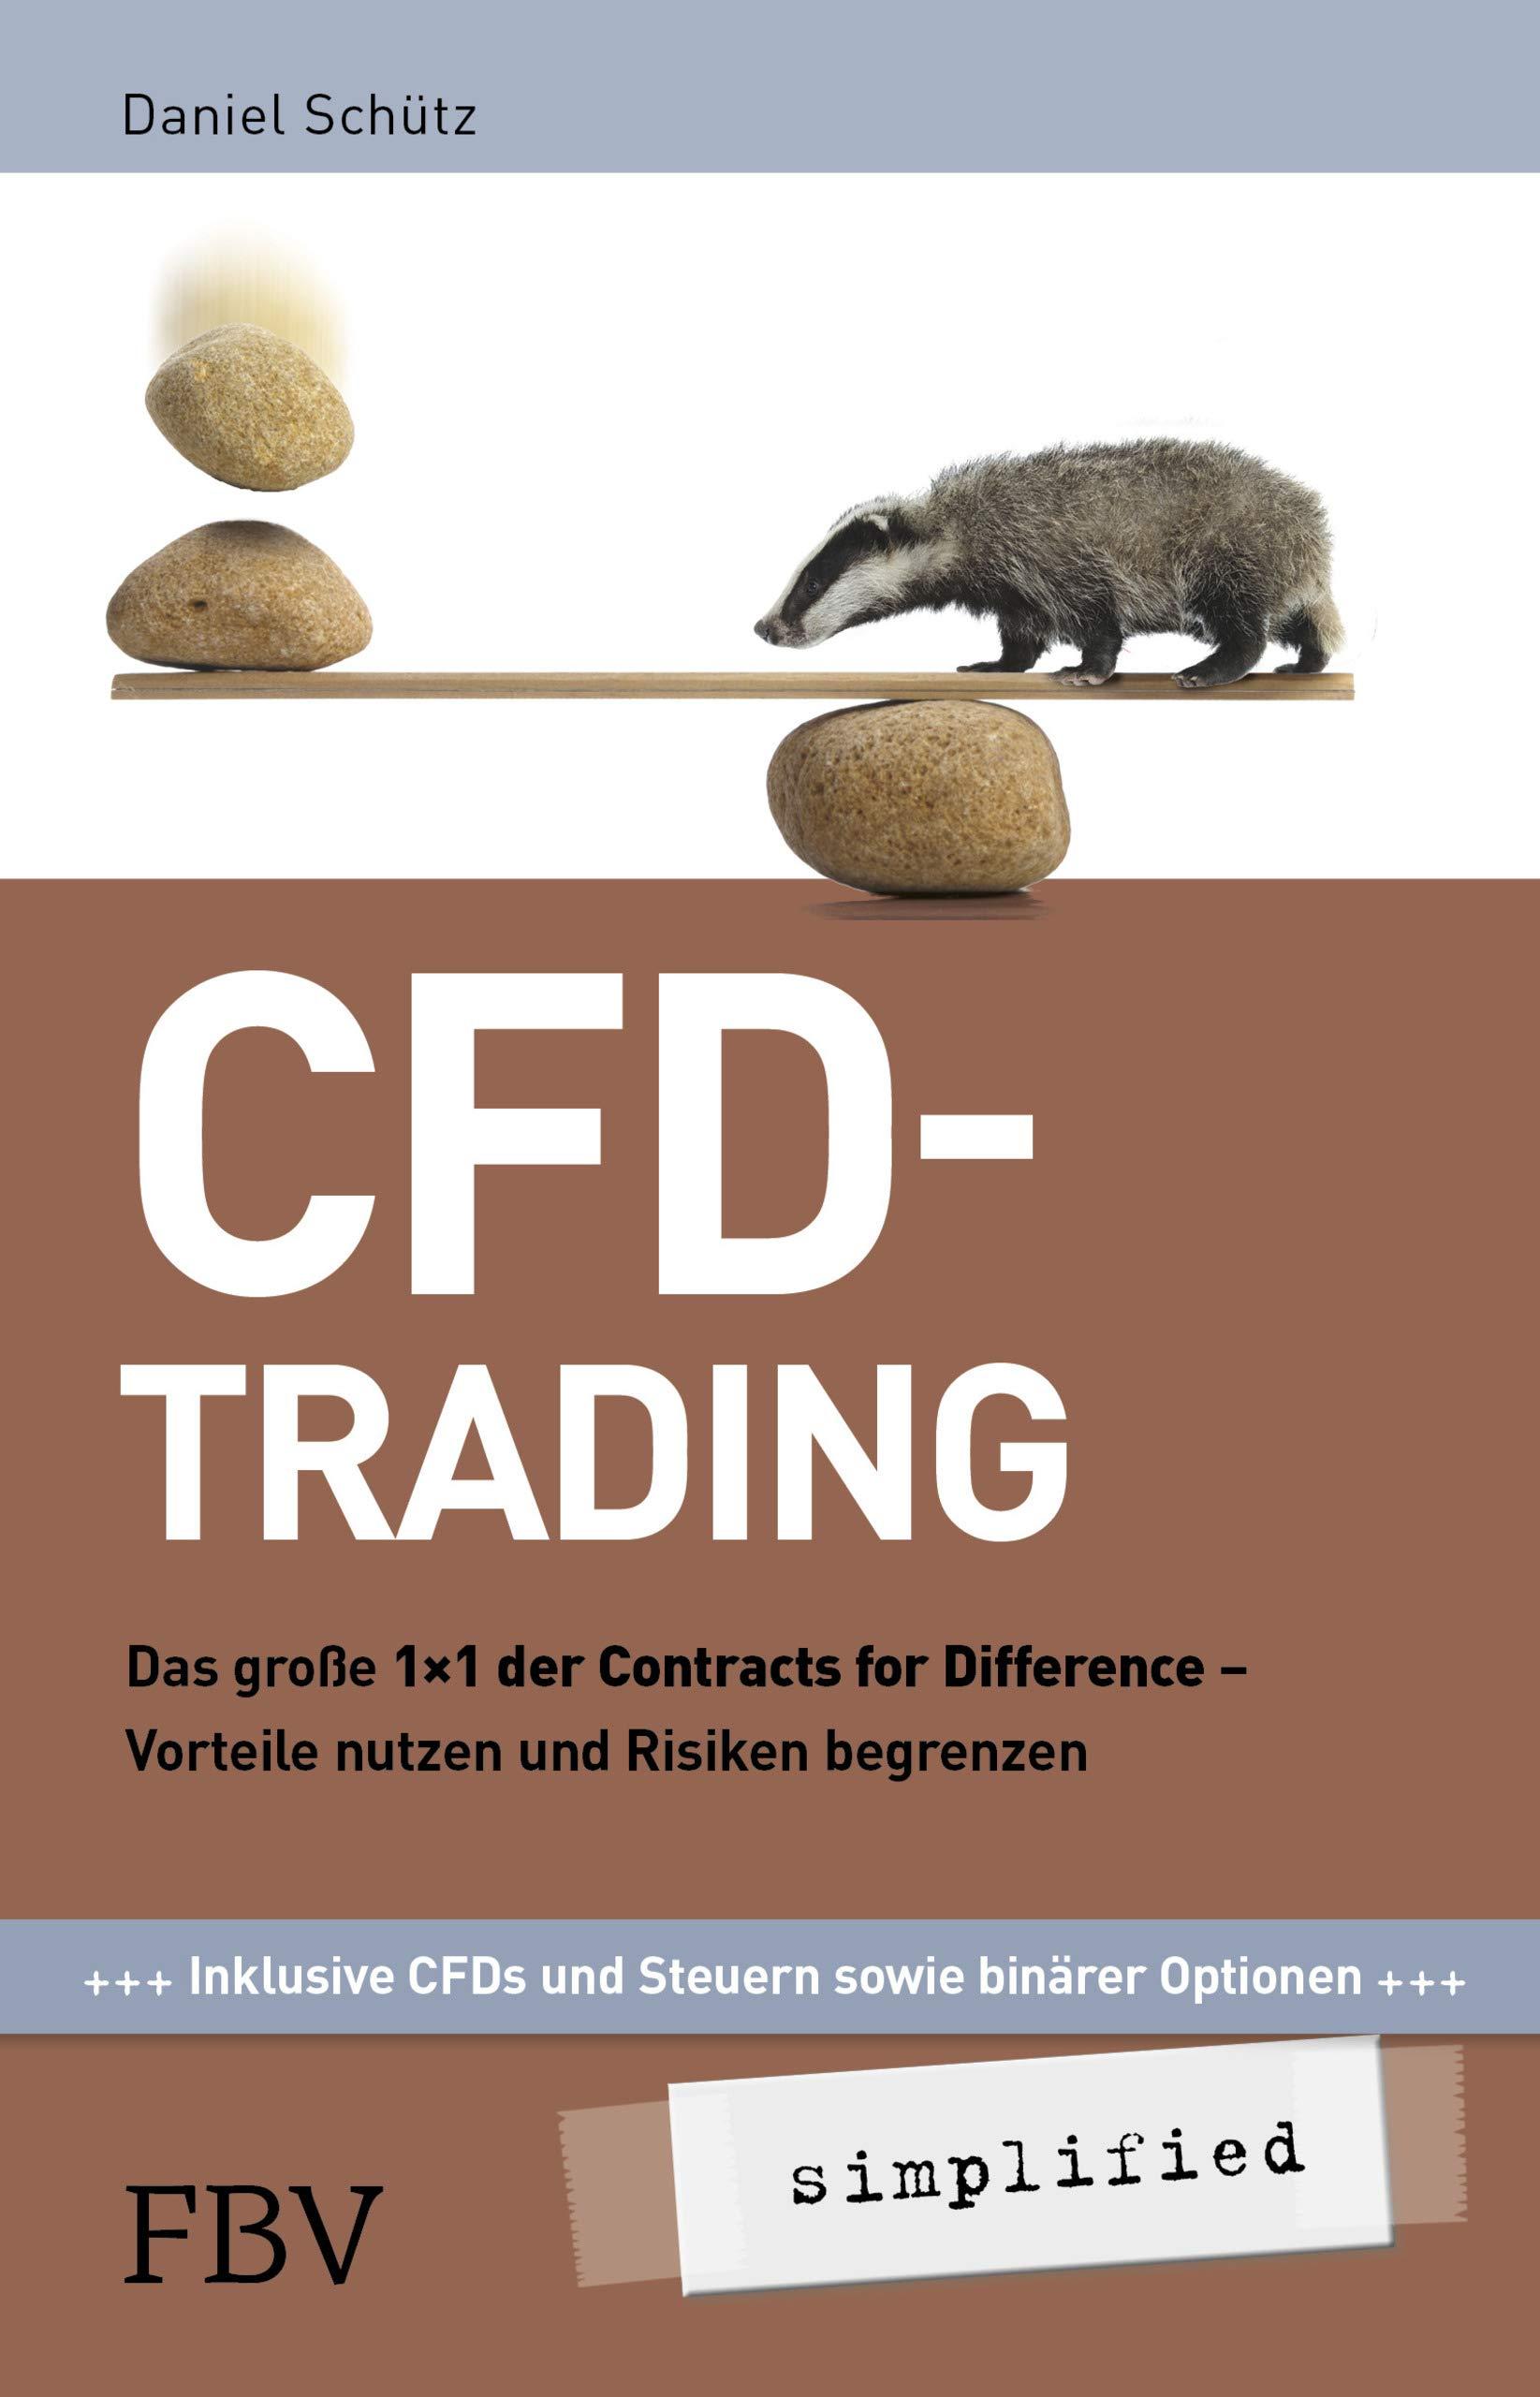 cfd trading simplified bessertippen erfahrungen höhere wettgewinne mit expertentipps sichern